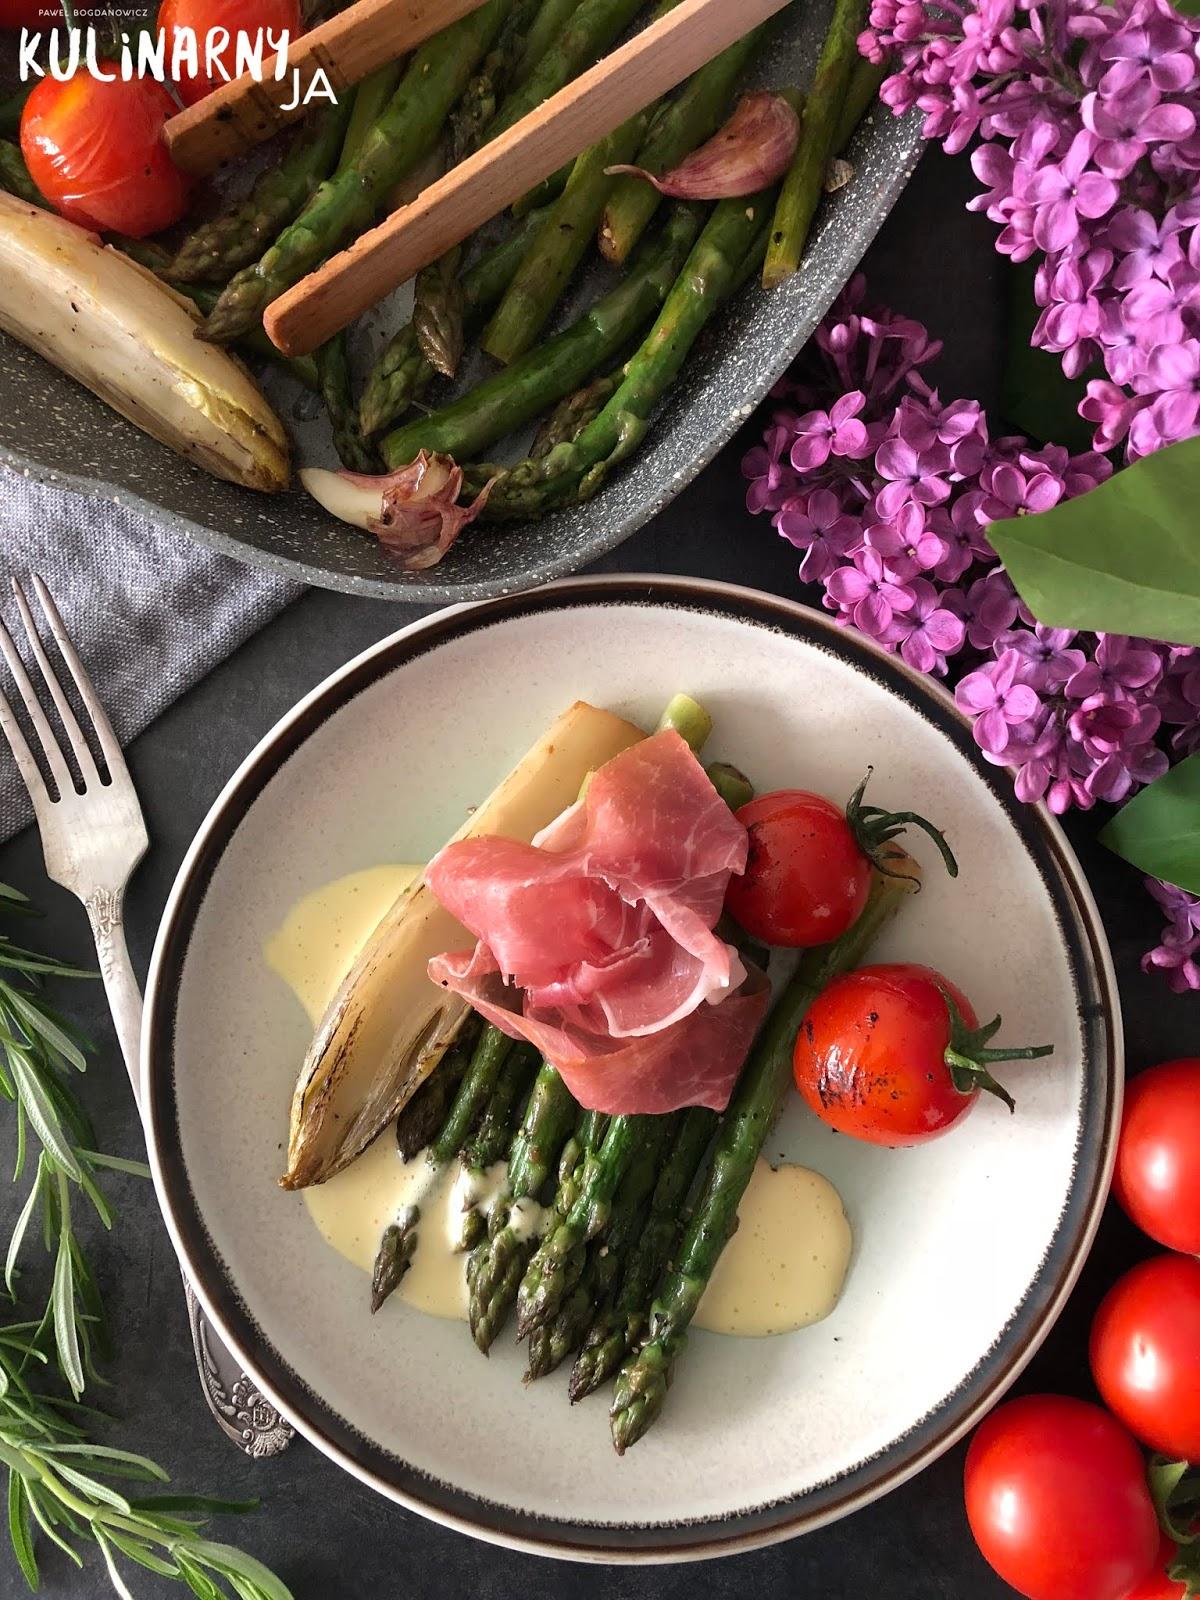 Szparagi z cykorią, szynką parmeńską i sosem holenderskim